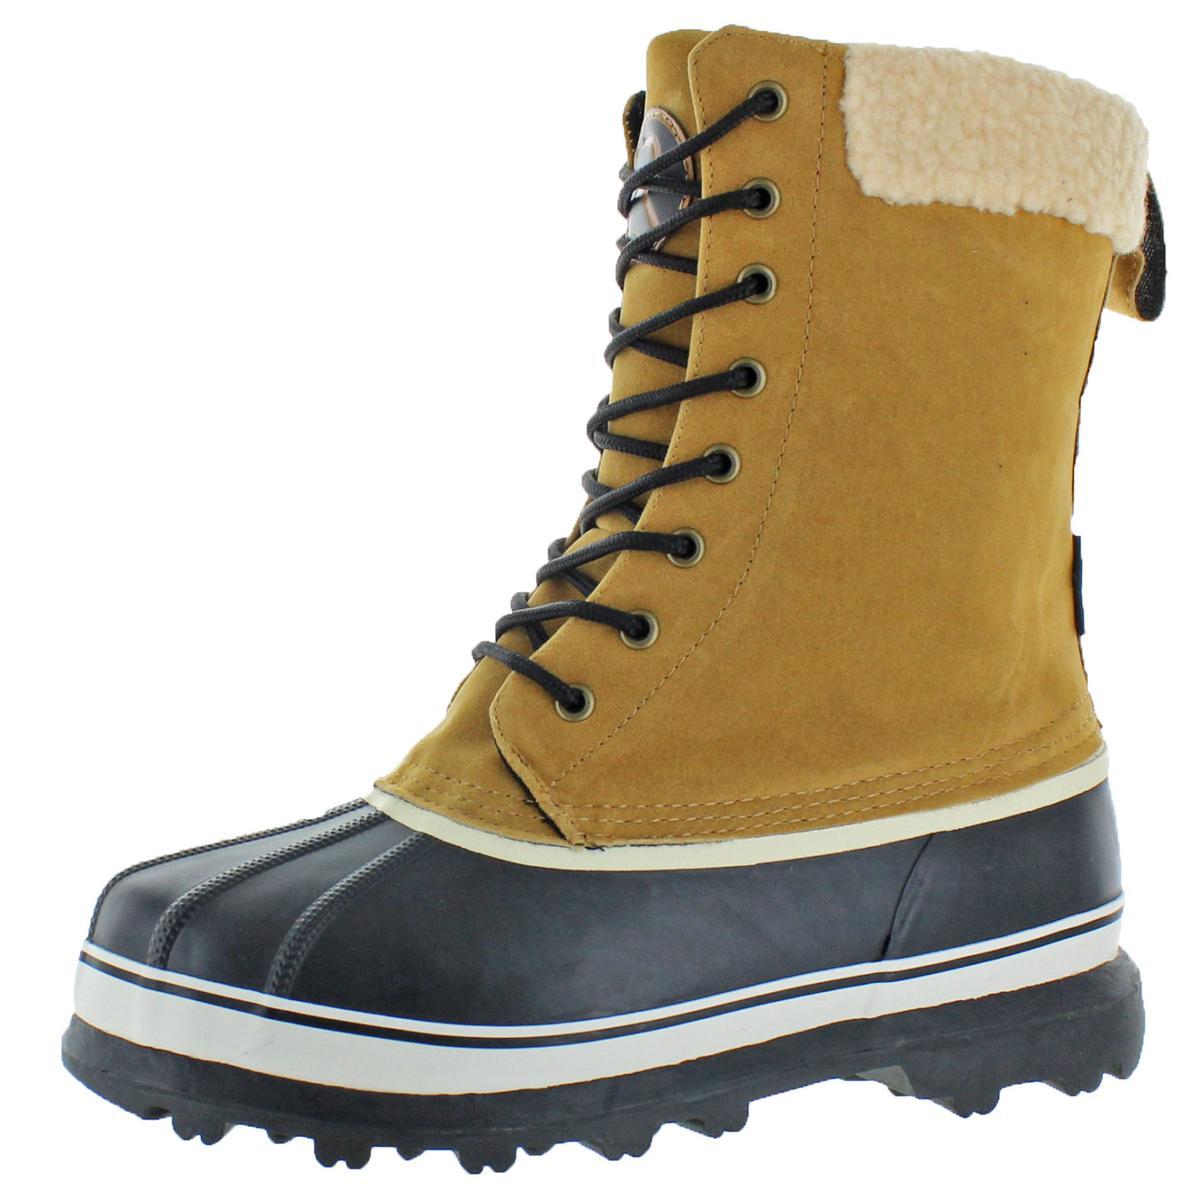 dbd17fcebbb Revelstoke Men's Overland Waterproof Sherpa Snow Duck Boots